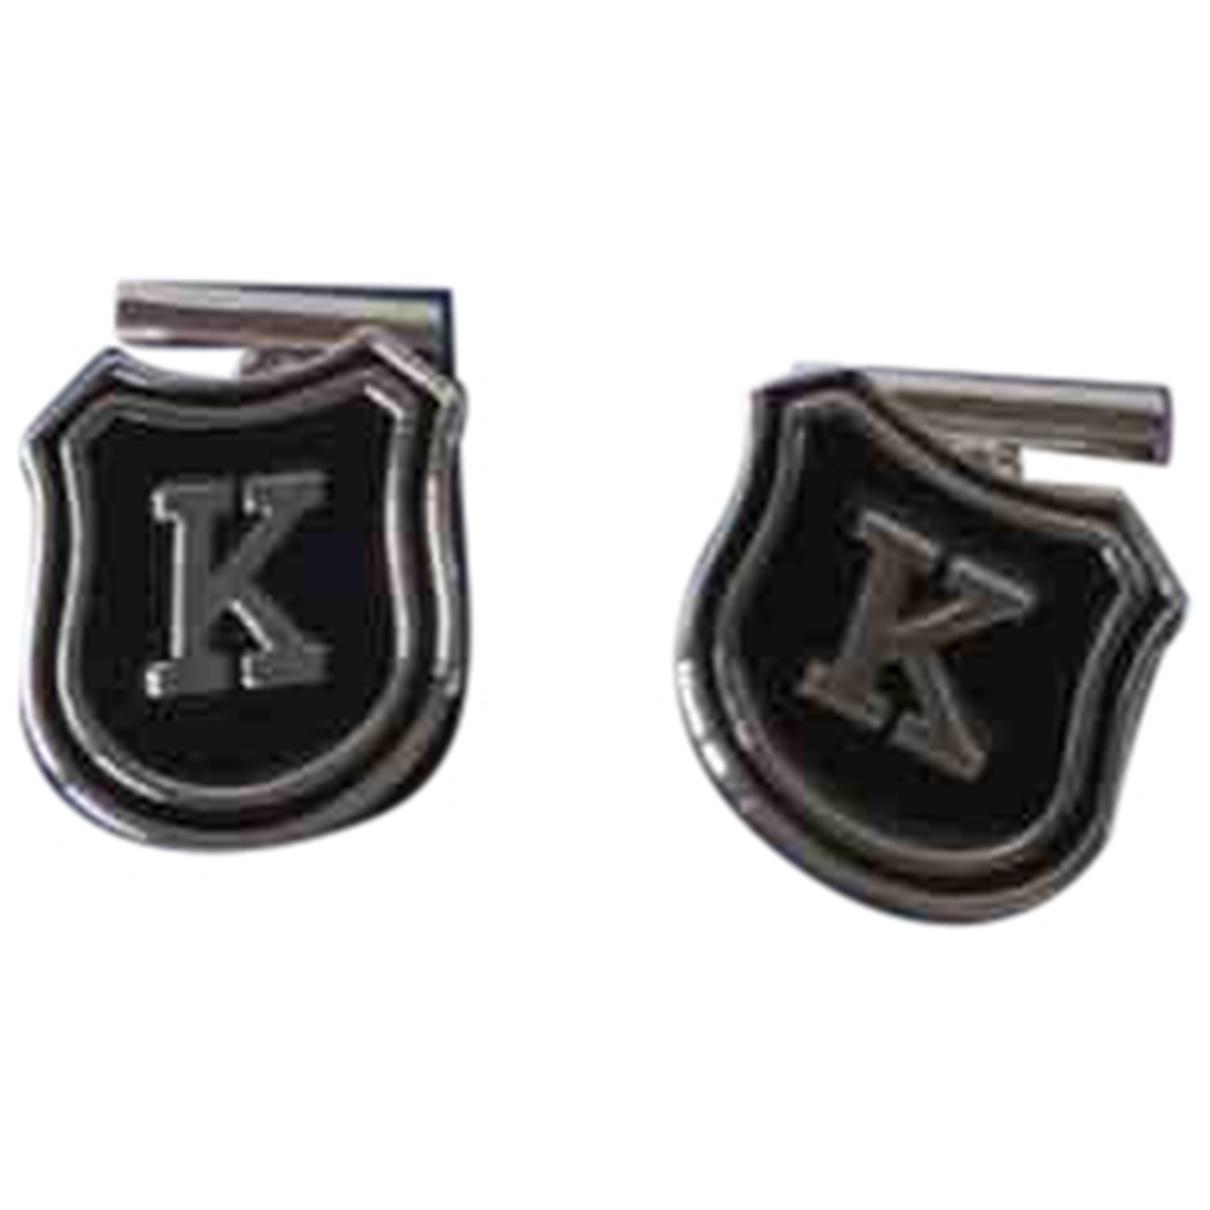 Kenzo - Boutons de manchette   pour homme en metal - argente